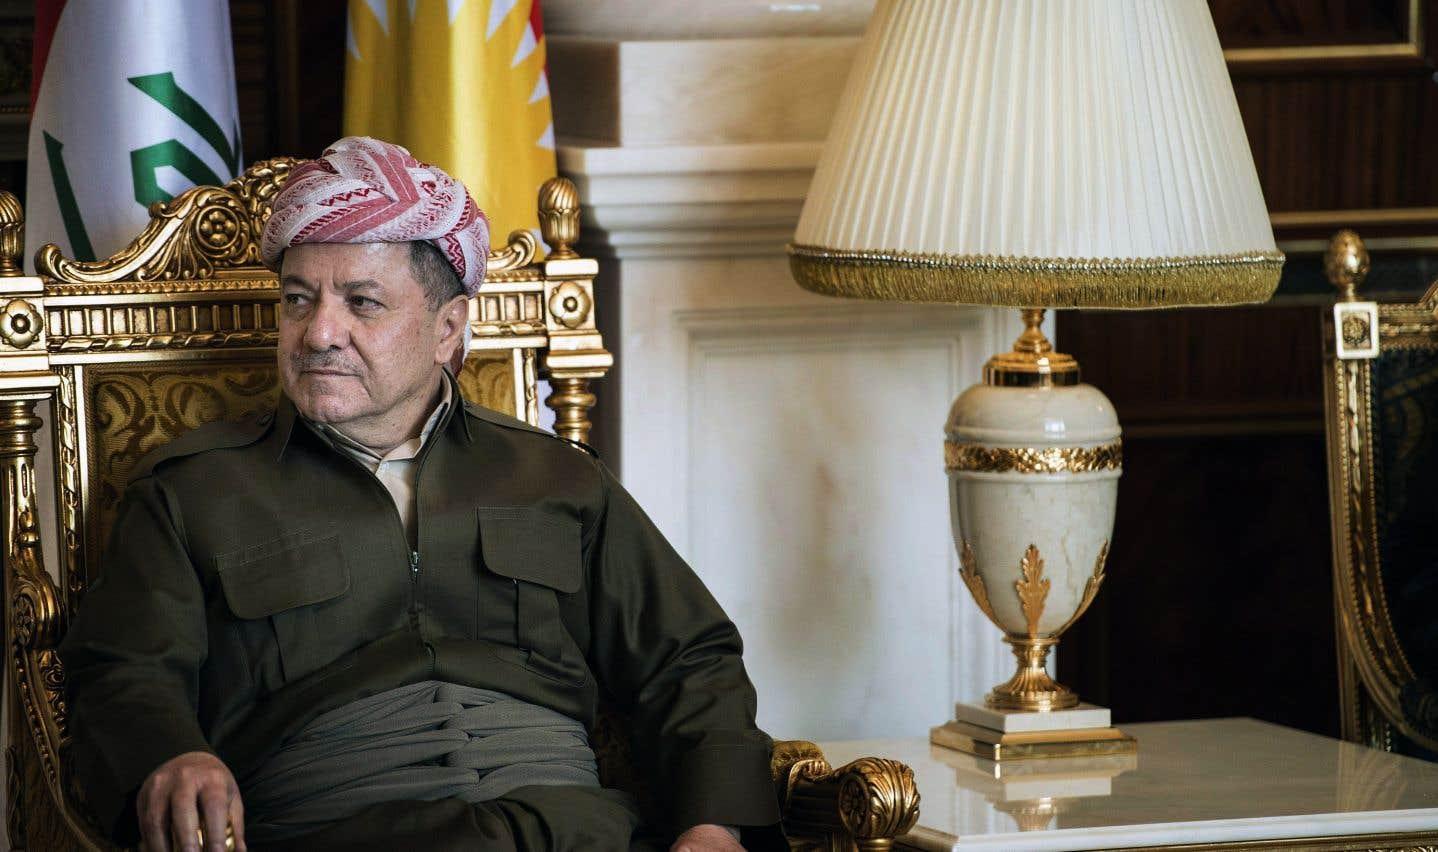 Après un rendez-vous raté avec l'indépendance, le président Barzani quitte le pouvoir